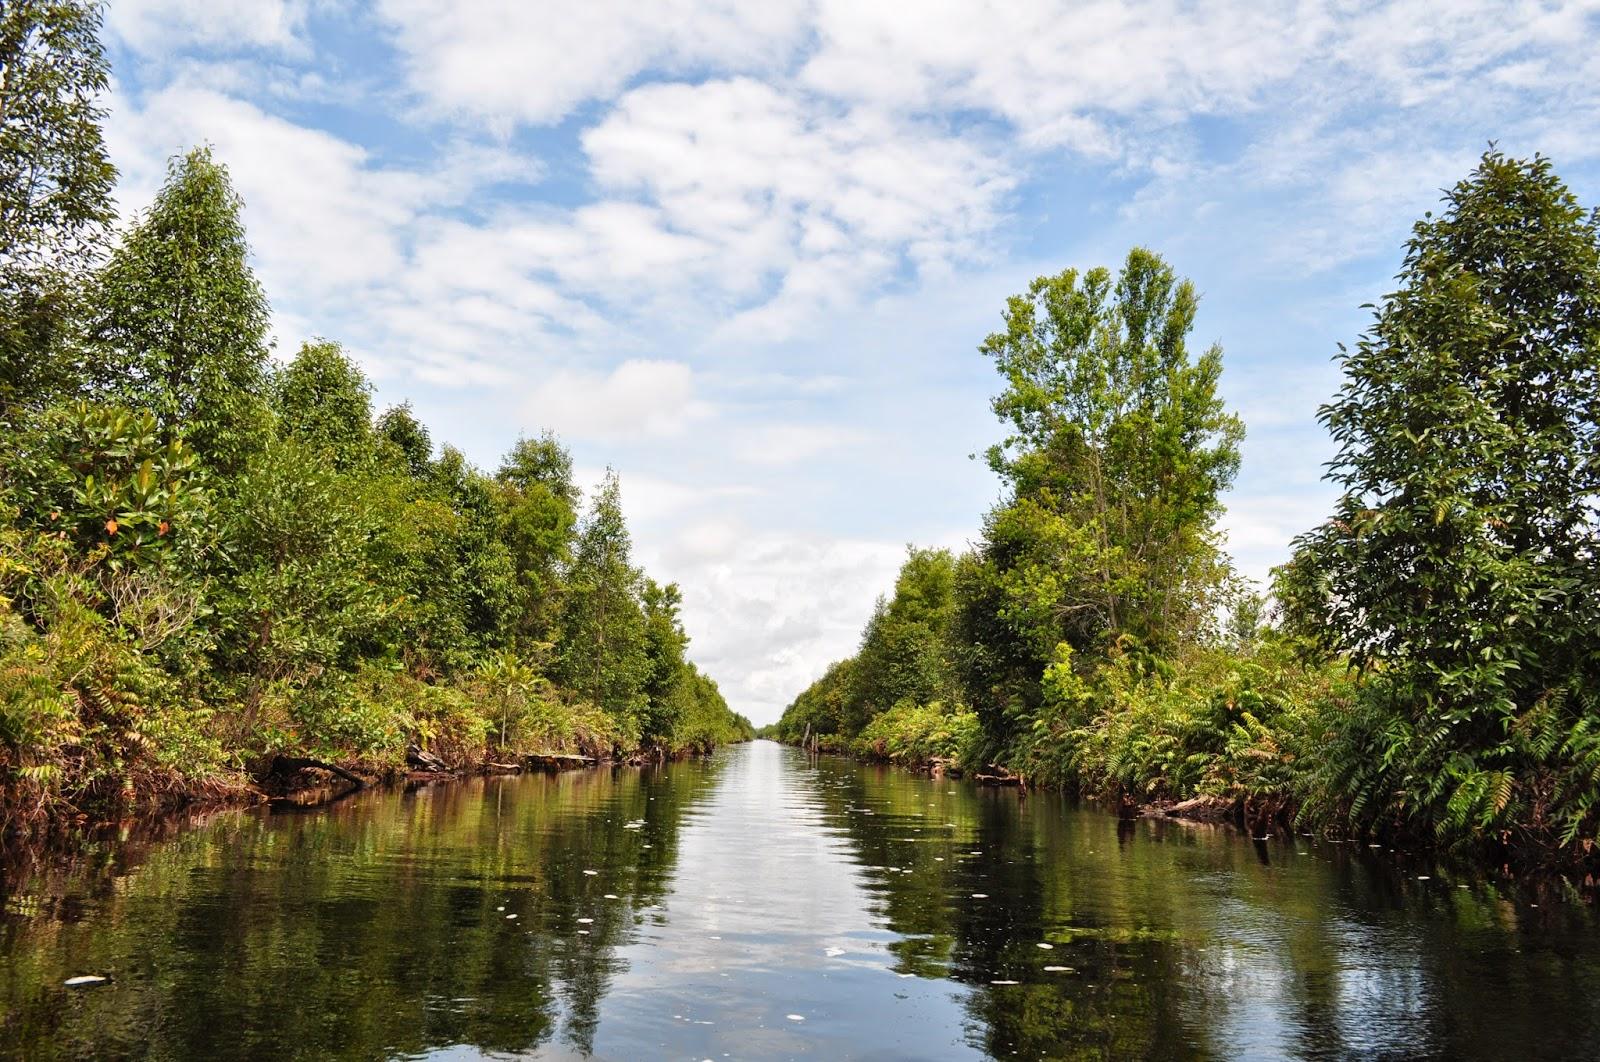 Taman Nasional Sebangau Sensasi Menelusuri Hutan Gambut di Kalimantan Tengah